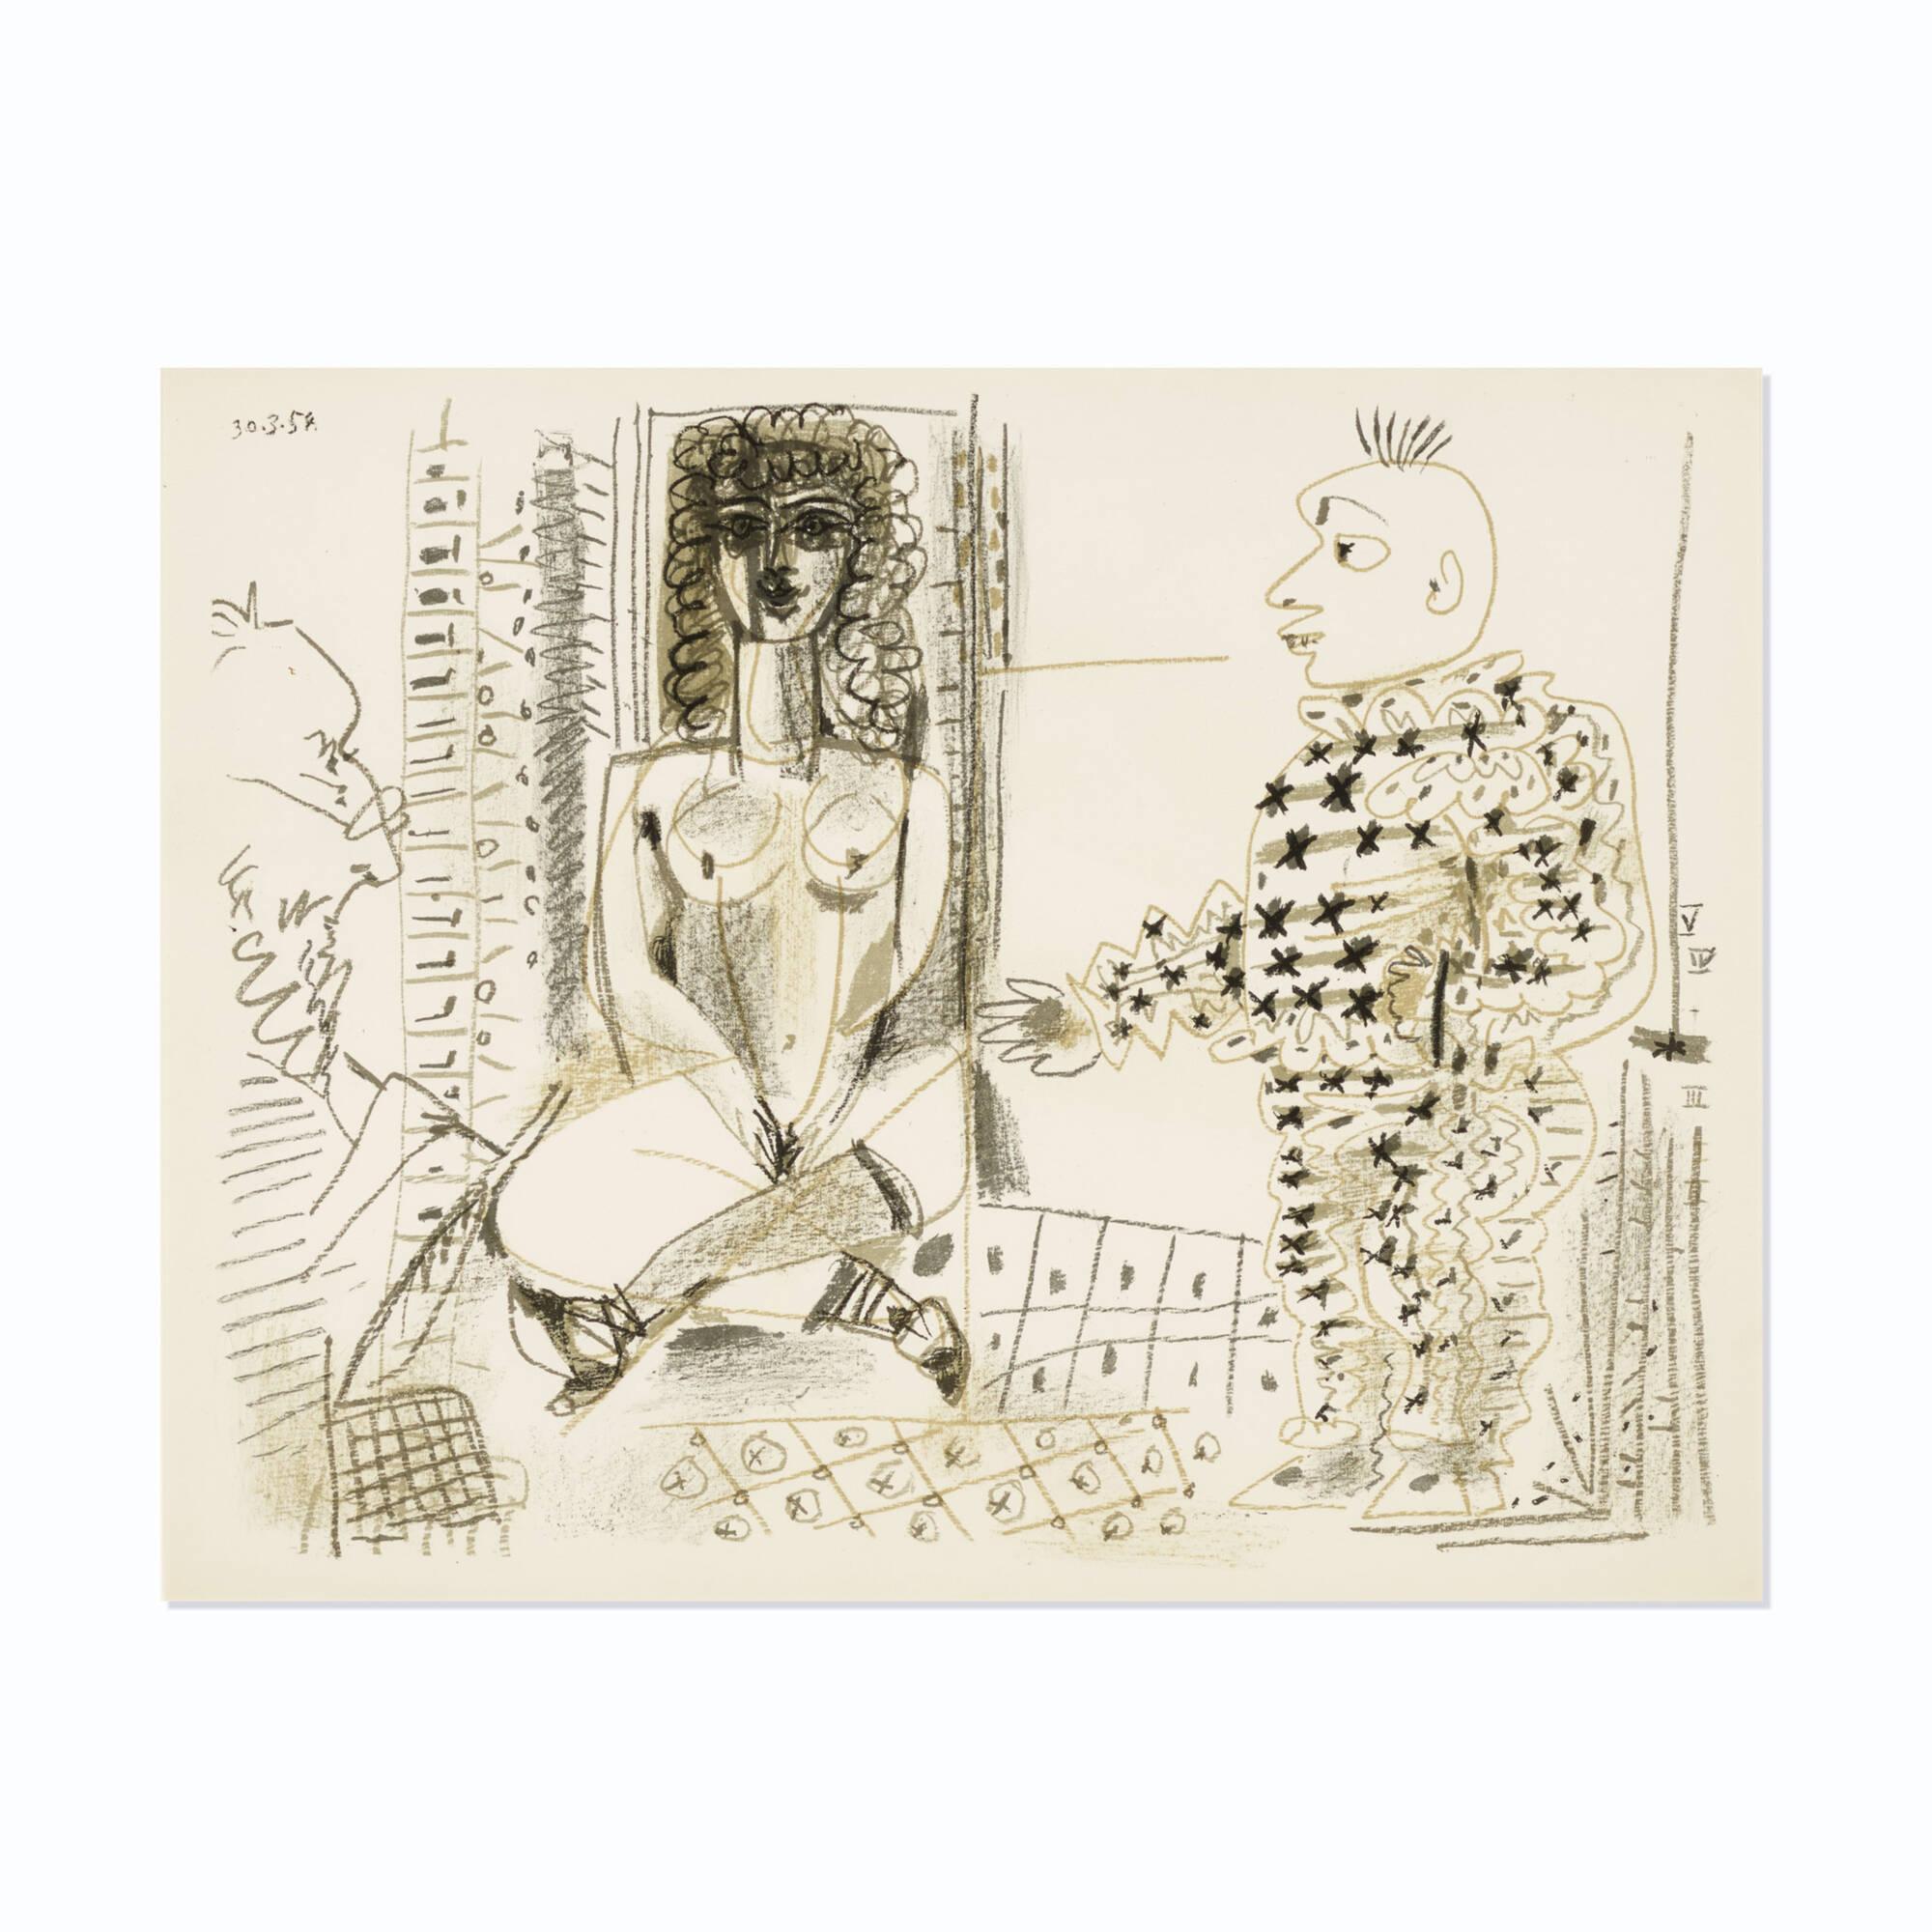 213: Pablo Picasso / Le Peintre et Son Modèle (1 of 1)